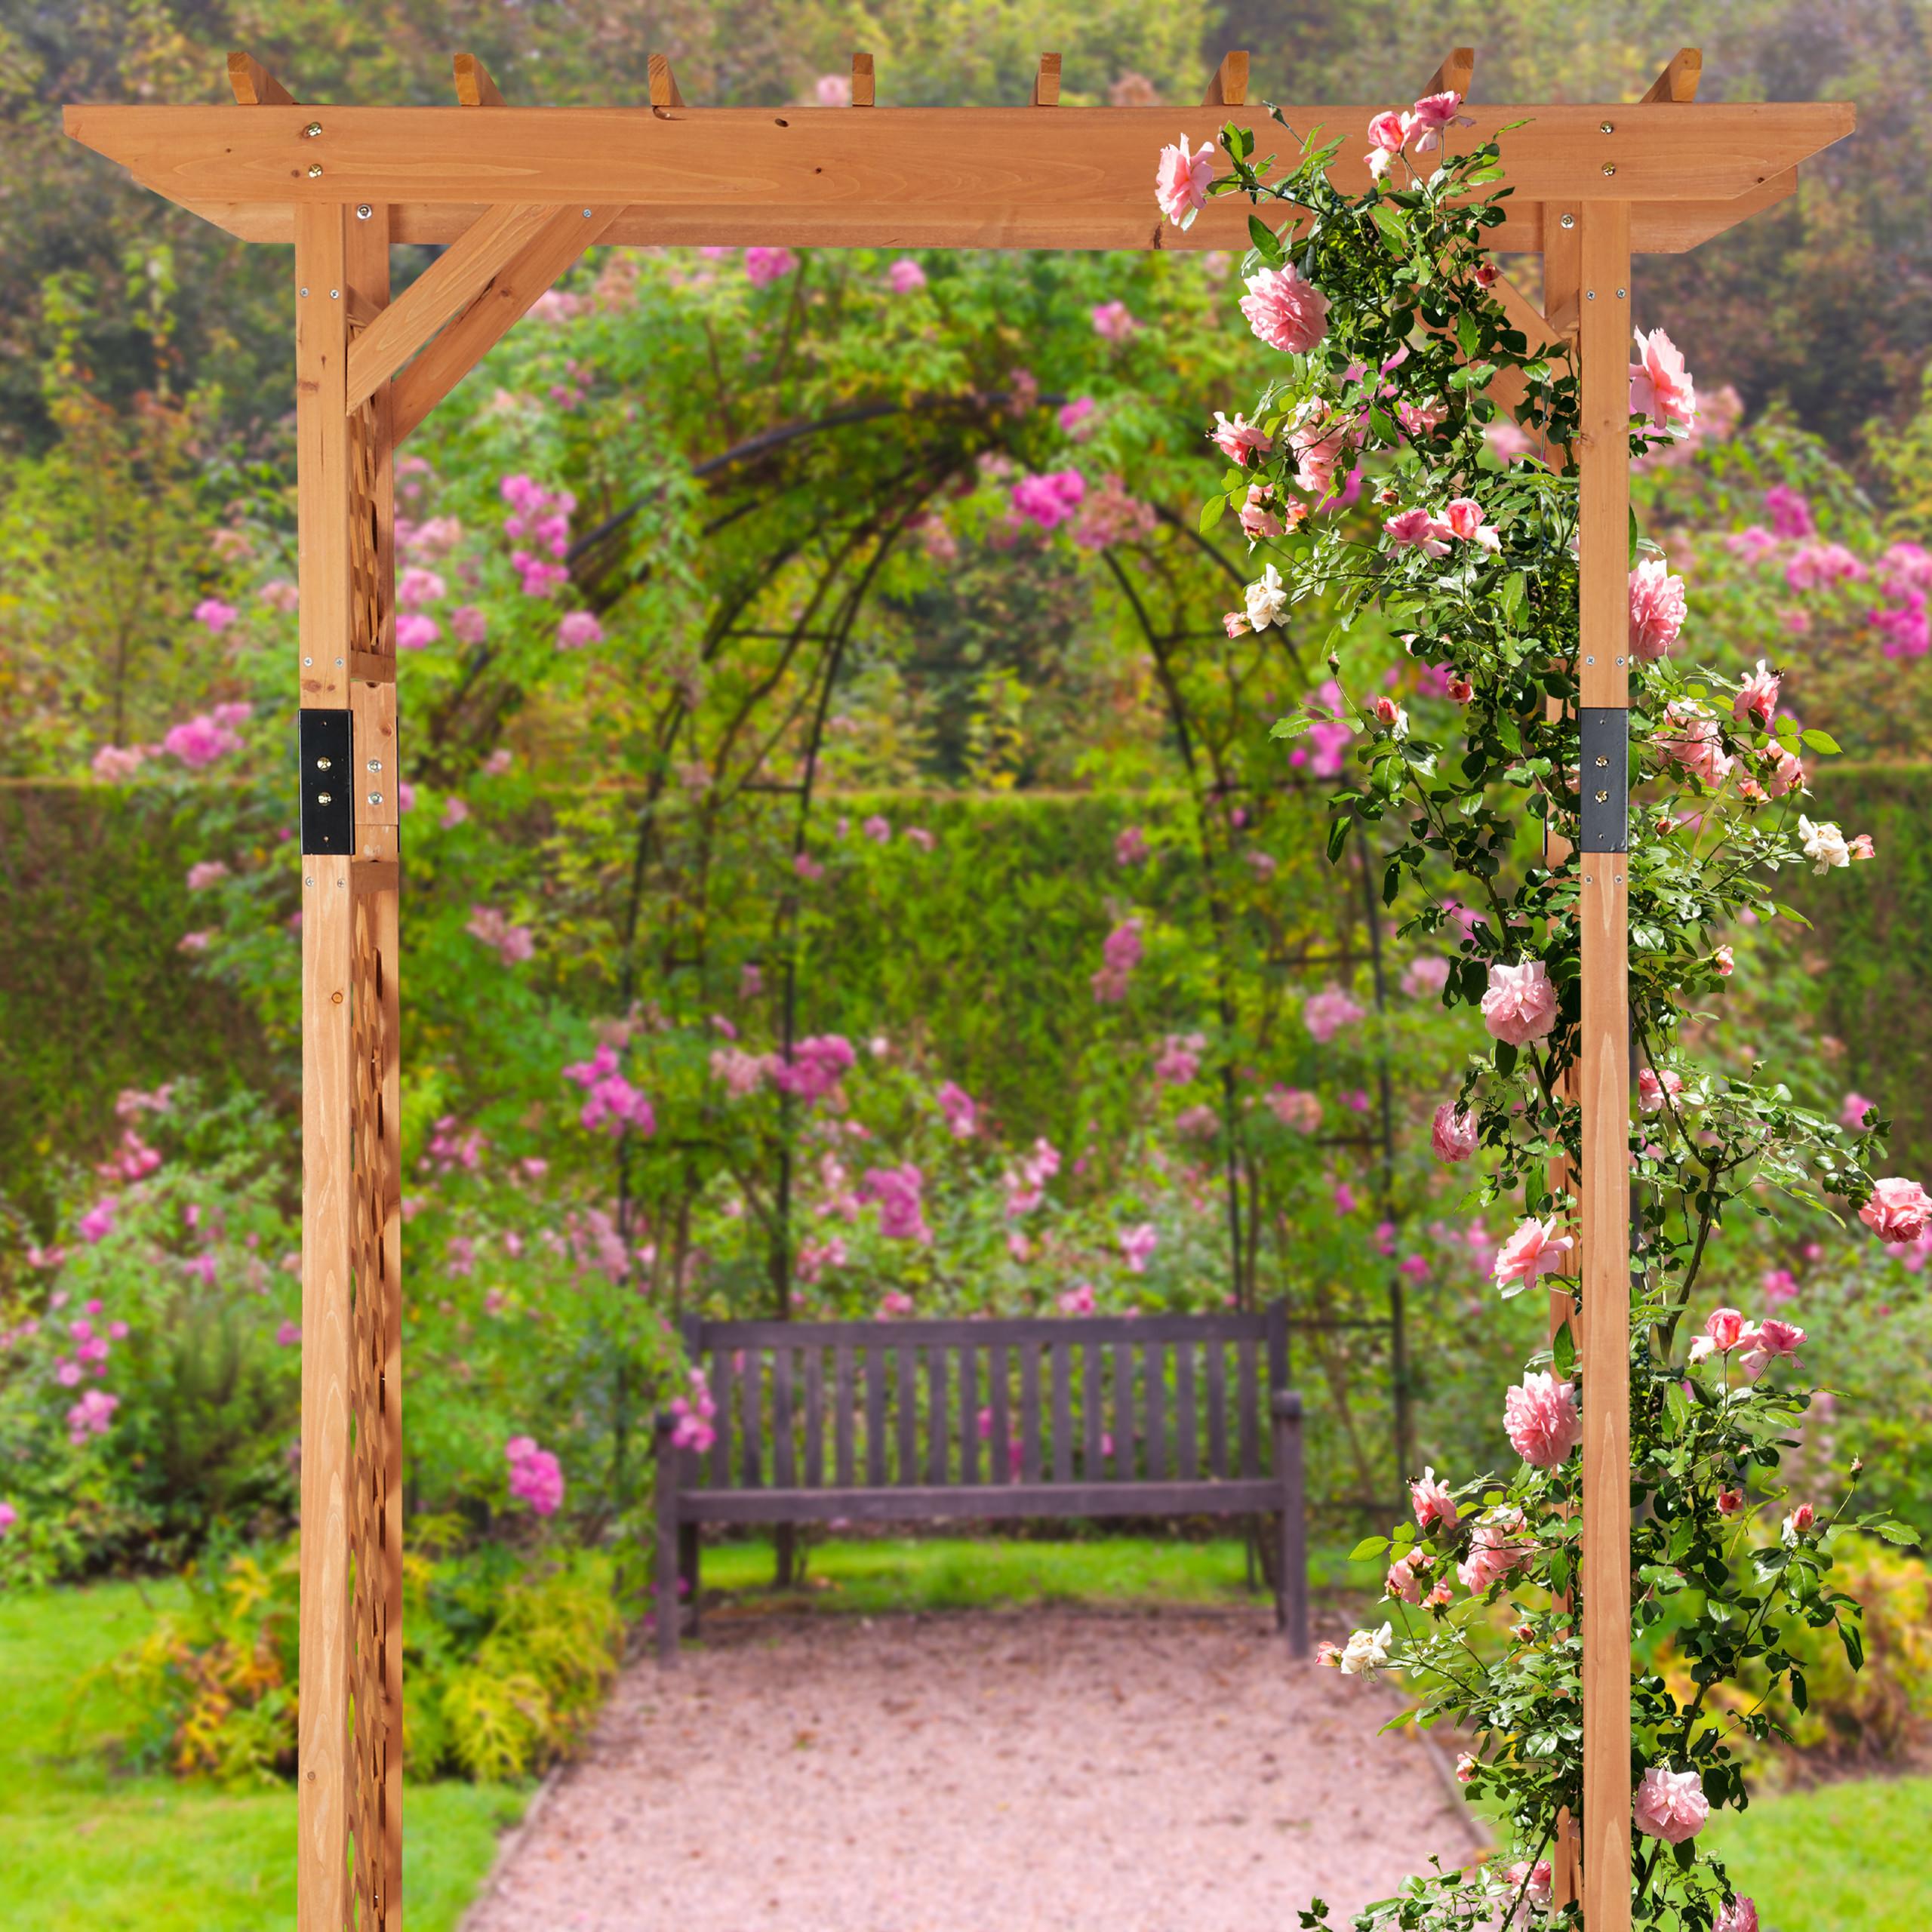 Full Size of Pergola Holz Rosenbogen Xxl Gartenbogen Garden Arch Spalier 2 M Holzfliesen Bad Esstisch Massiv Betten Aus Holzhaus Kind Garten Massivholzküche Holzregal Wohnzimmer Pergola Holz